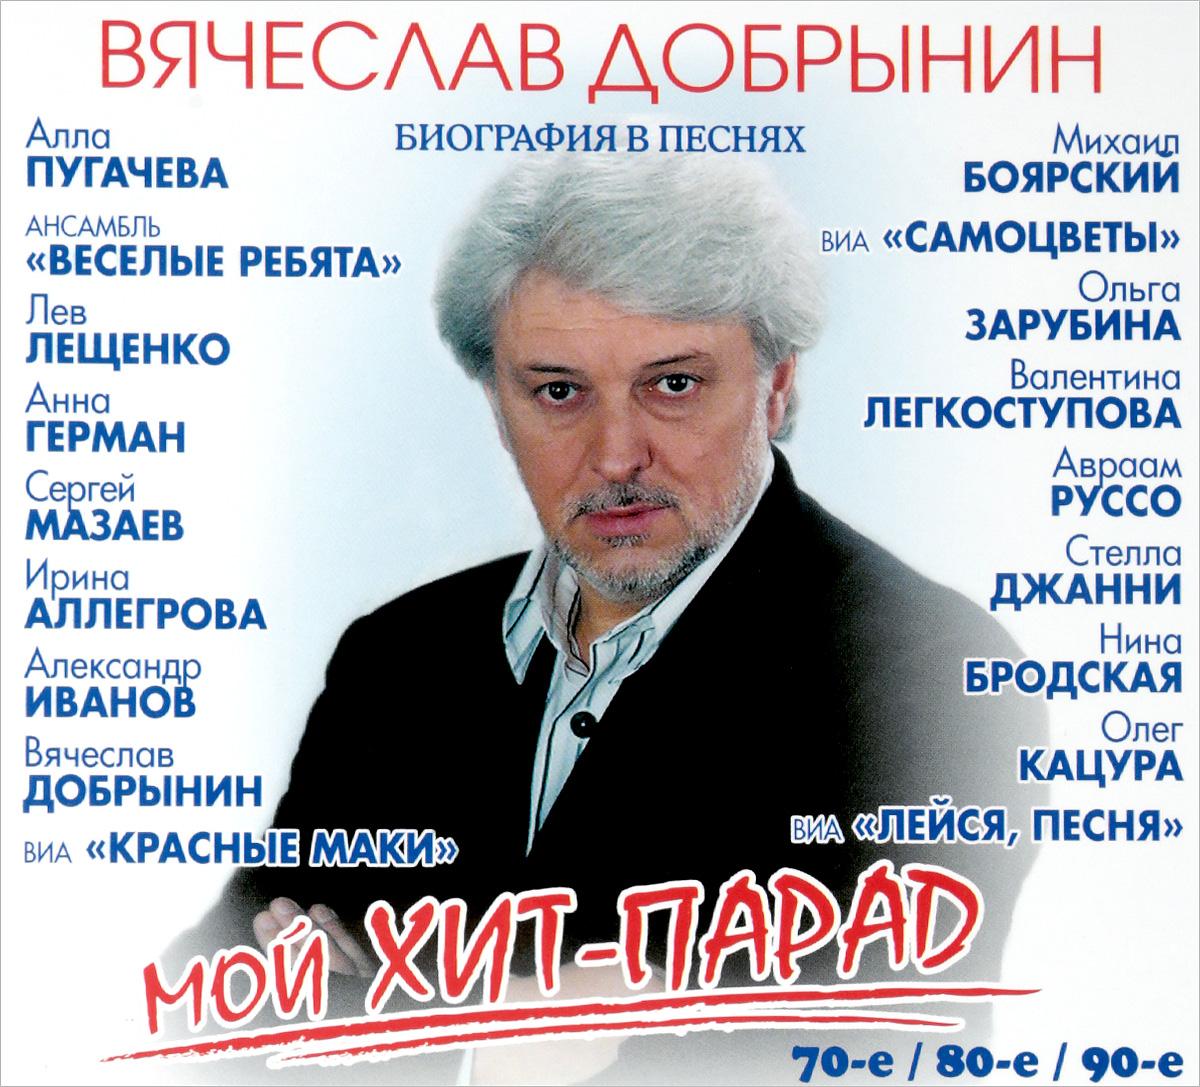 Вячеслав Добрынин Добрынин Вячеслав. Мой хит-парад - 70-е/ 80-е/ 90-е ролики 80 е